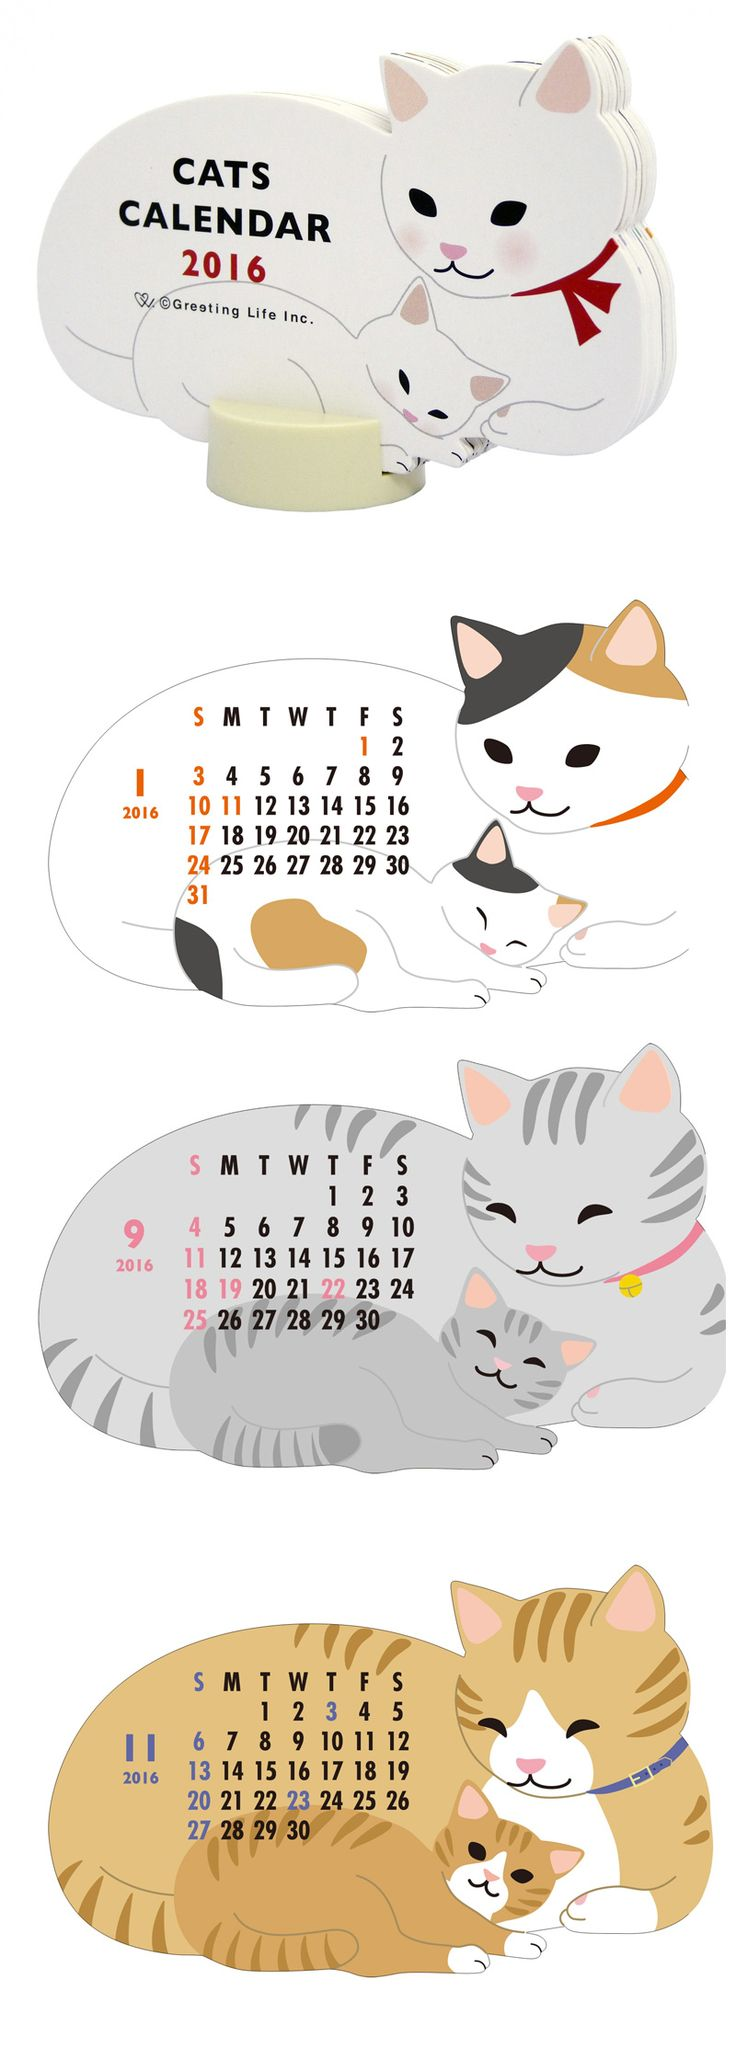 ONLI 온리샵 : 2016 그리팅라이프 고양이가족 탁상 캘린더 ※ 책상달력,선물